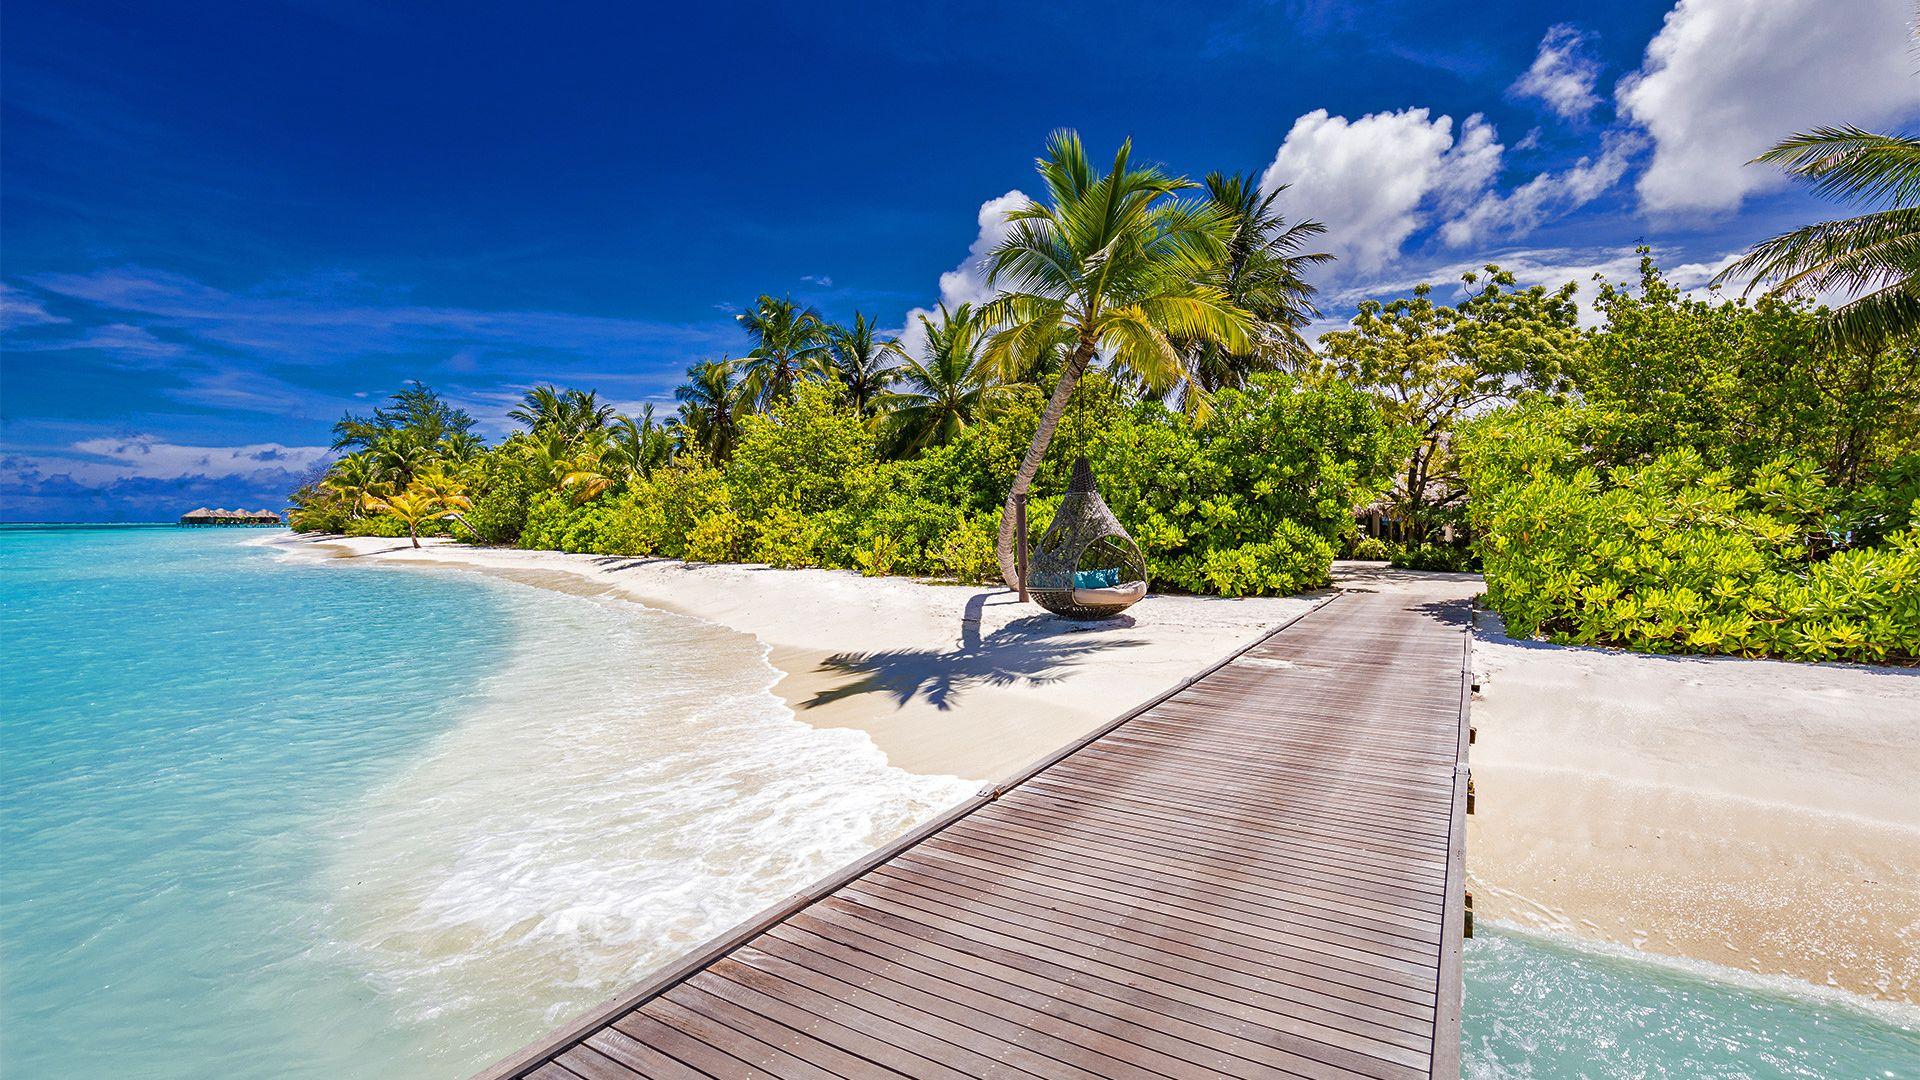 Sejur plaja Maldive, 10 zile - 13 noiembrie 2021